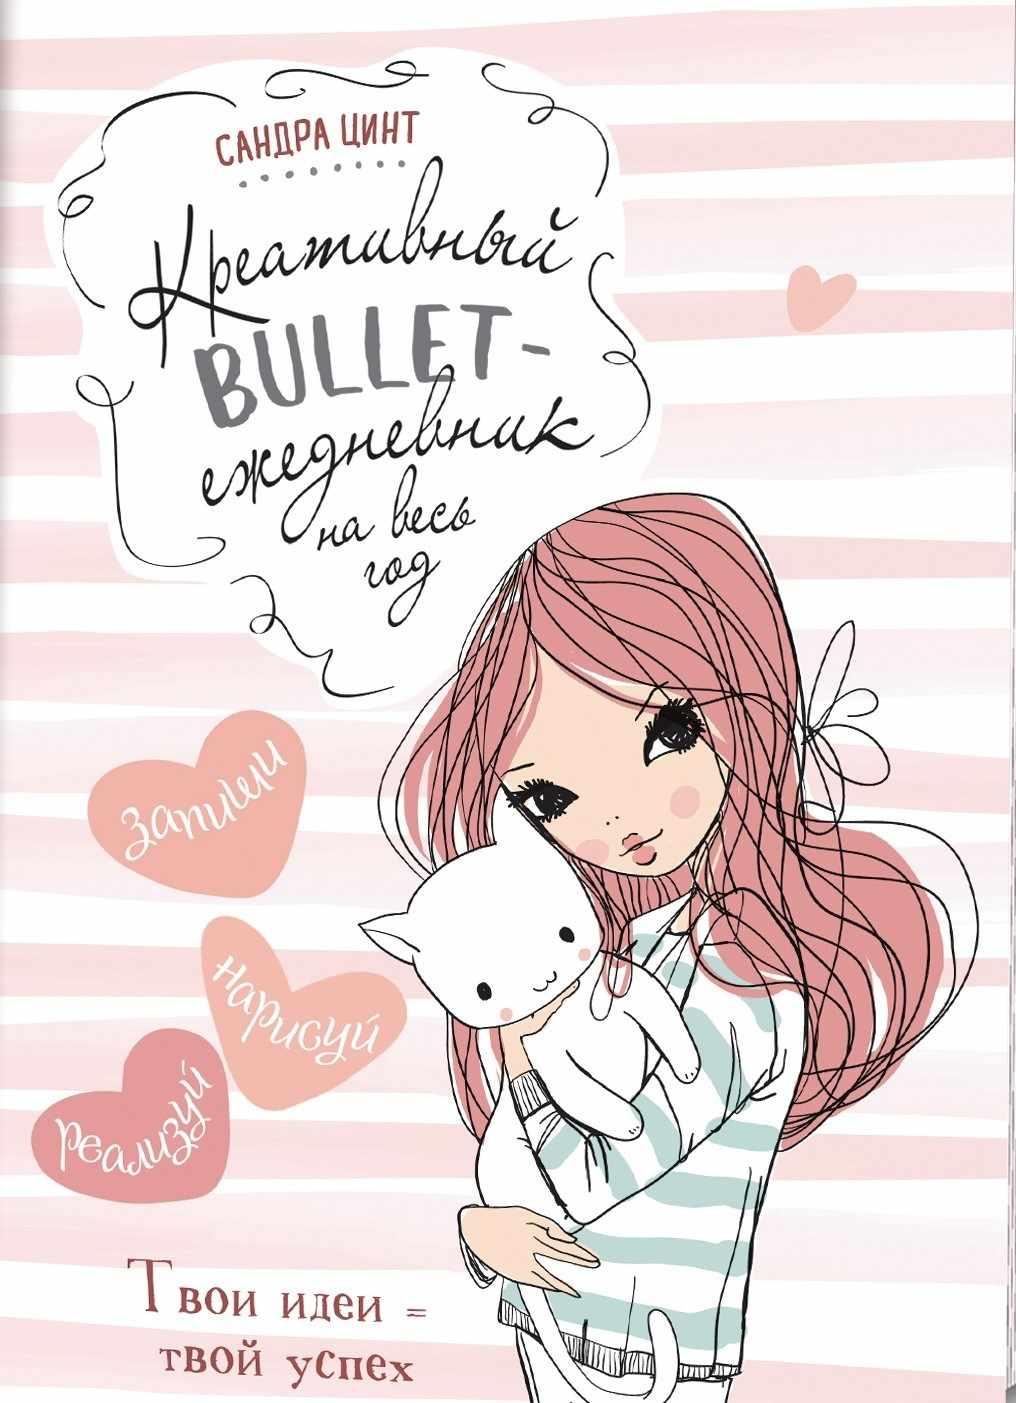 Креативный bullet-ежедневник. Розовый с девочкой